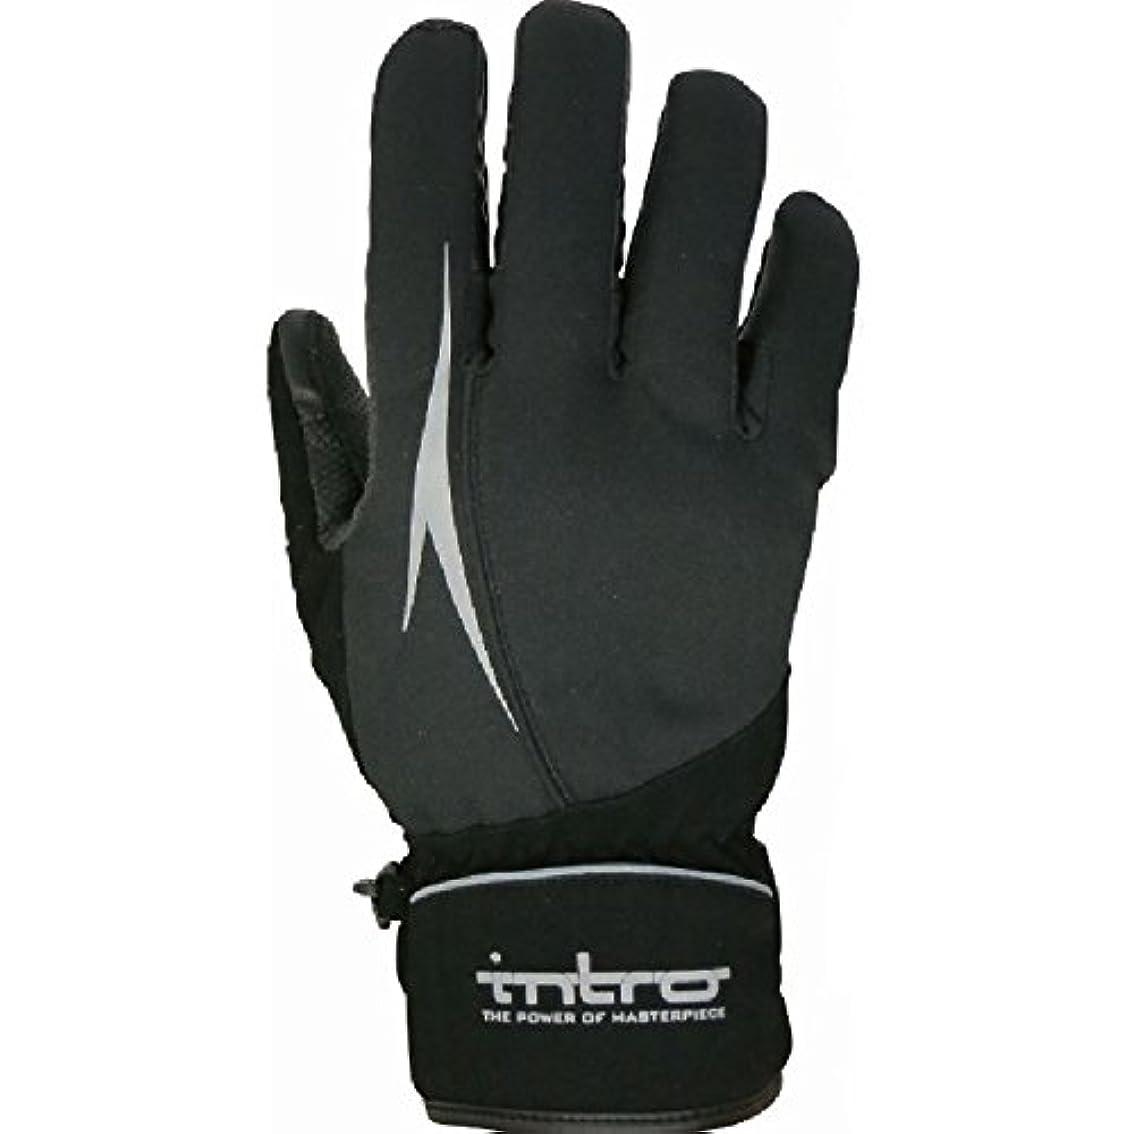 自分の遮る詐欺師INTRO(イントロ) Stealth 3 Winter Full finger グローブ black L